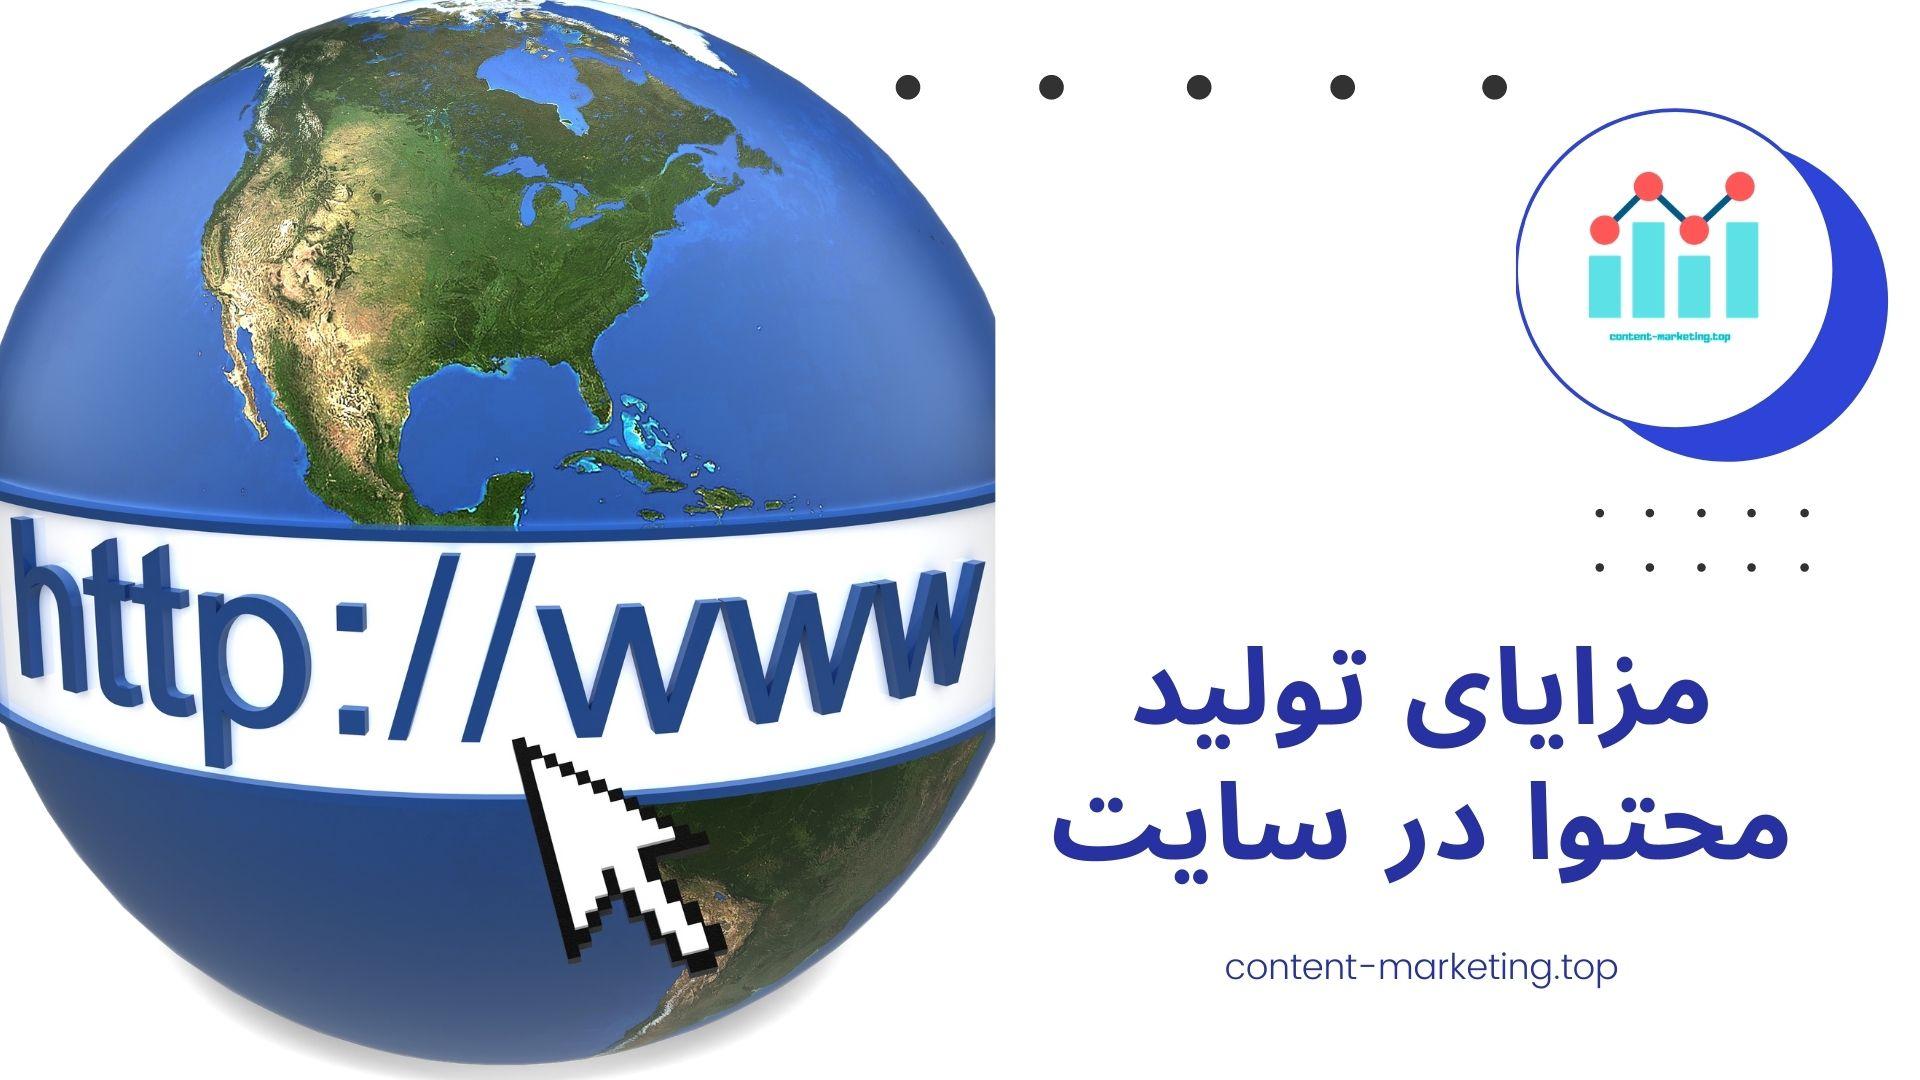 مزایای تولید محتوا در سایت